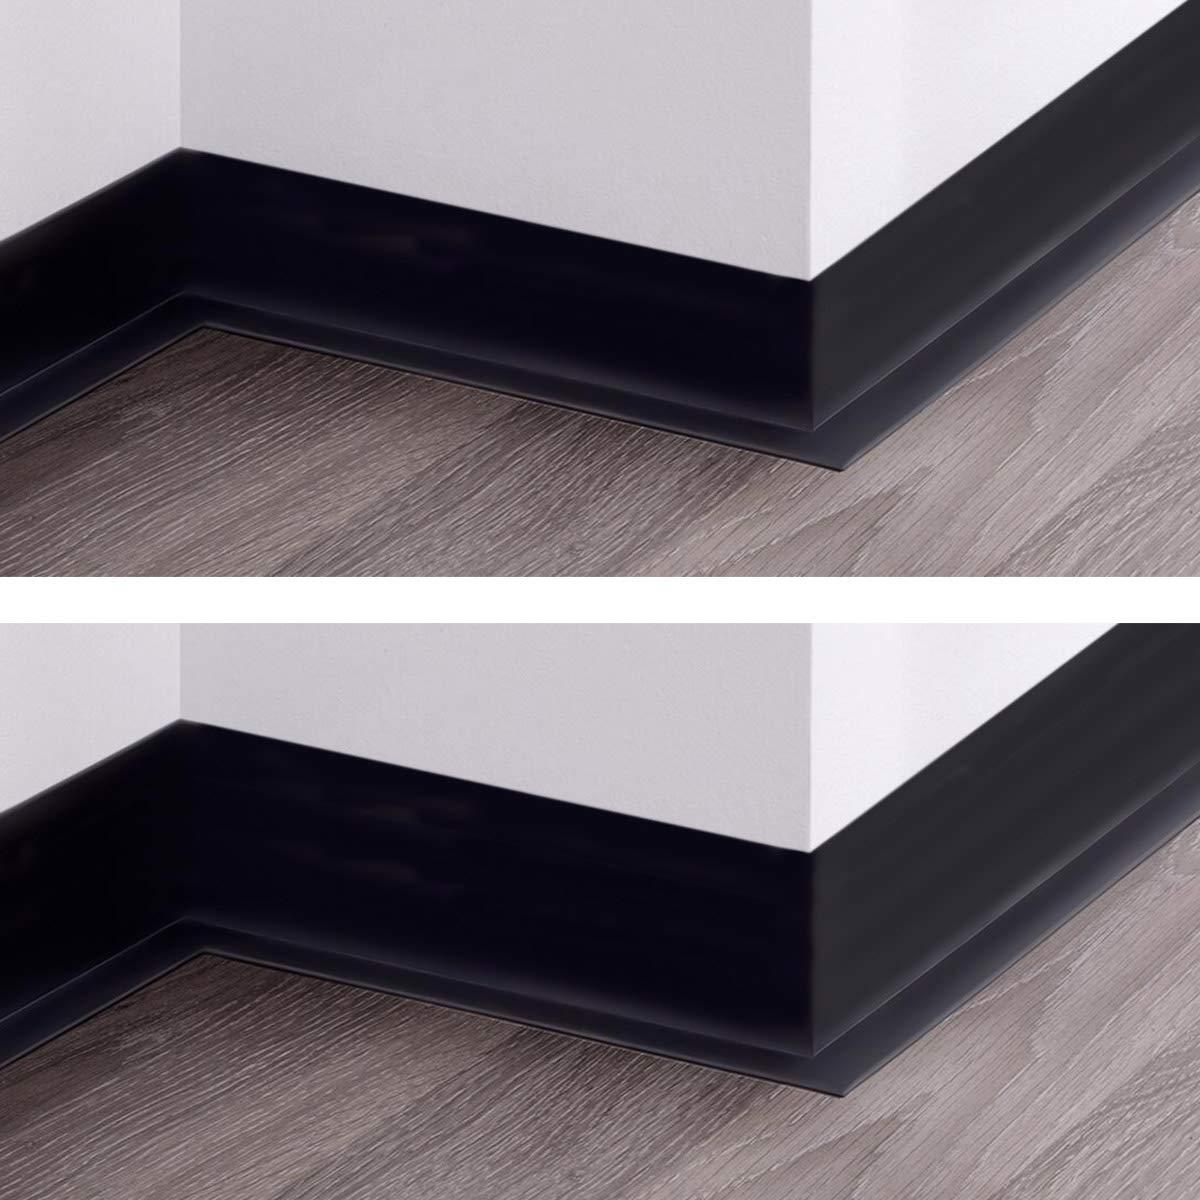 HOLZBRINK Plinthe Souple Auto-Adh/ésive Noire Plinthe Cass/ée PVC 5 m 70x20 mm